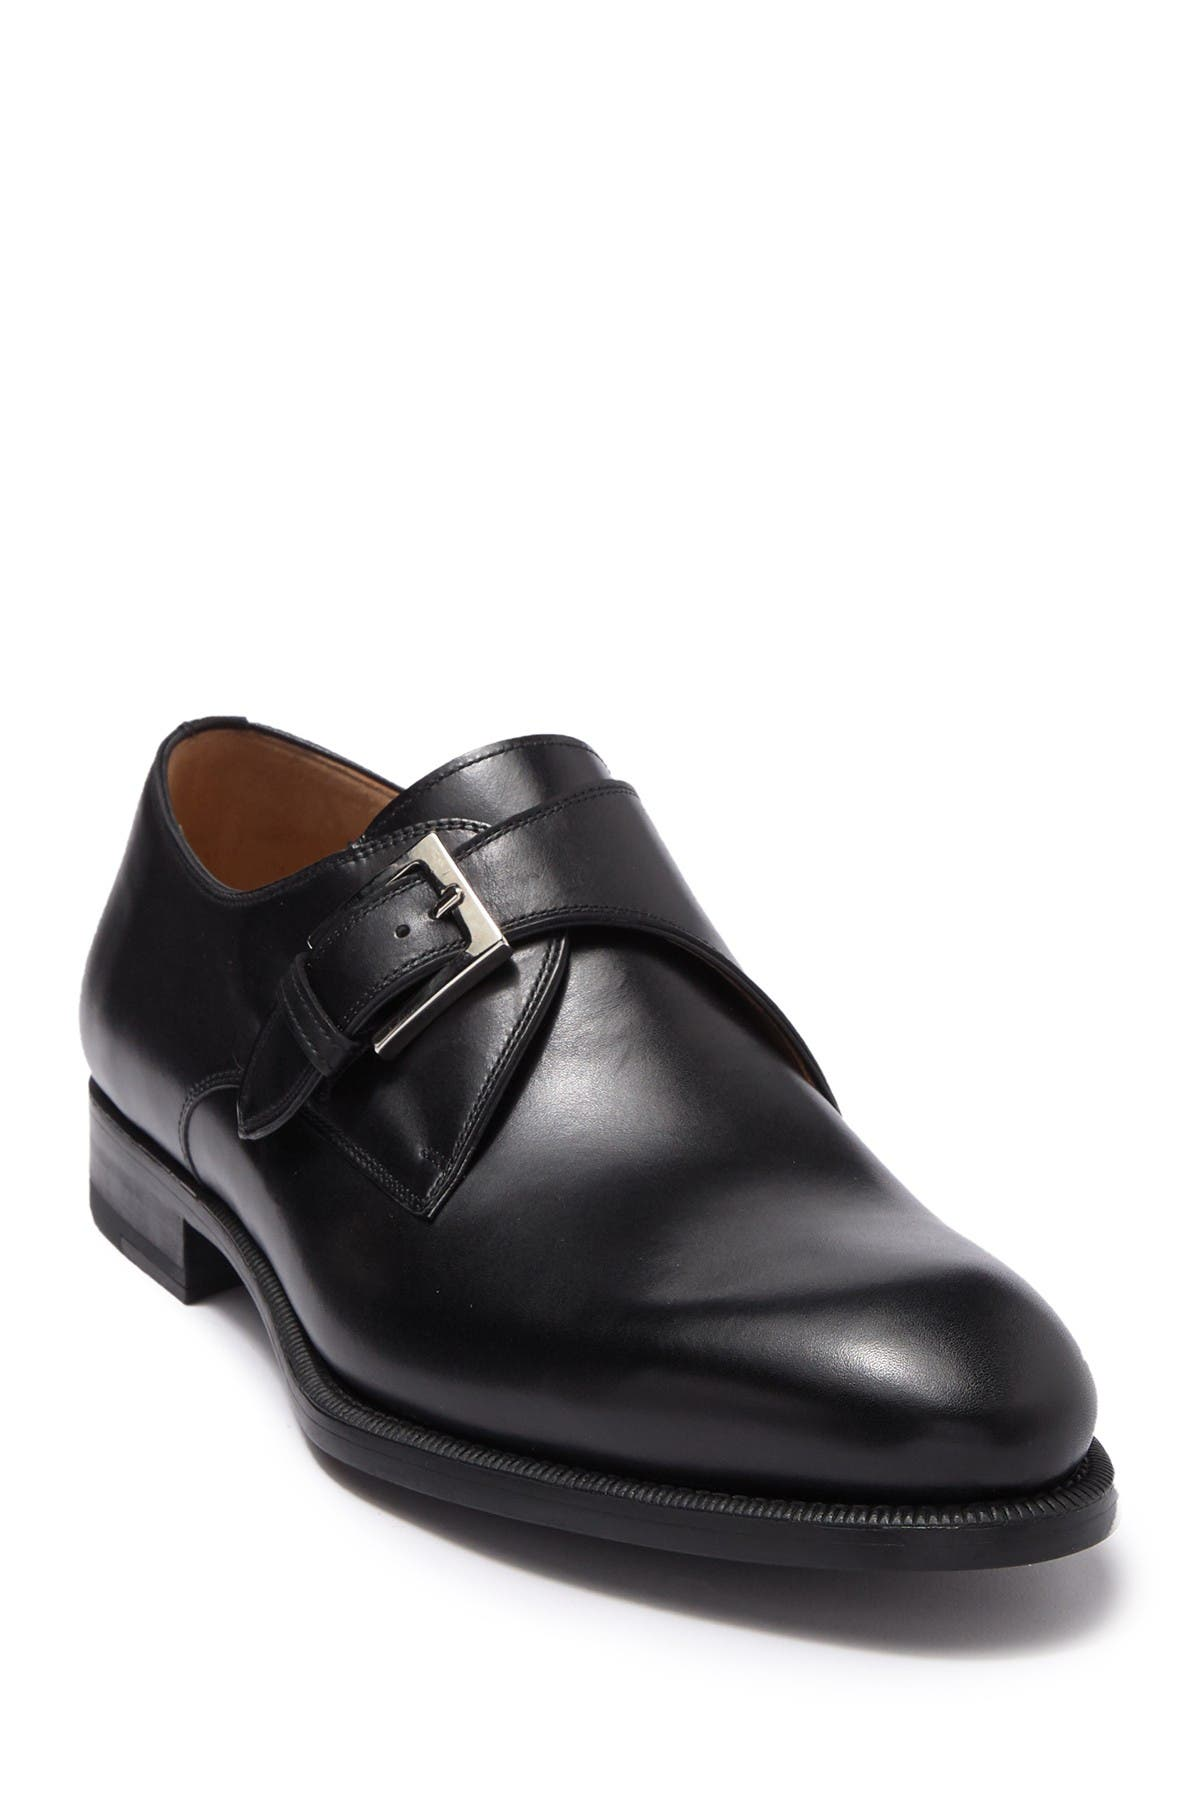 magnanni black shoes